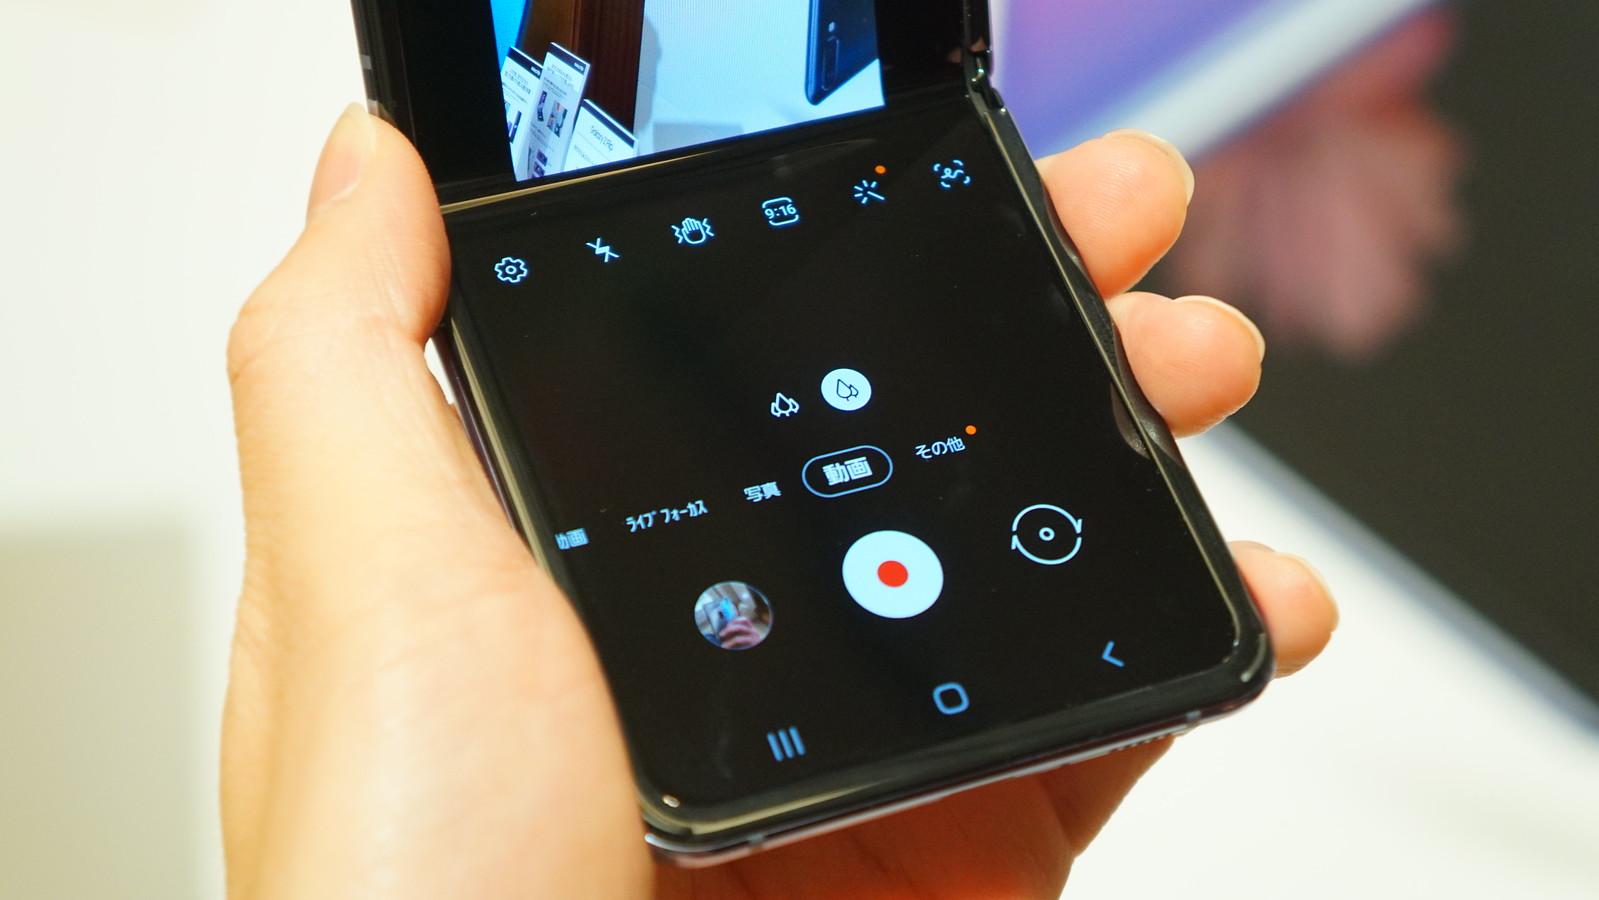 フレックスモードでは画面下部に操作ボタンが表示される